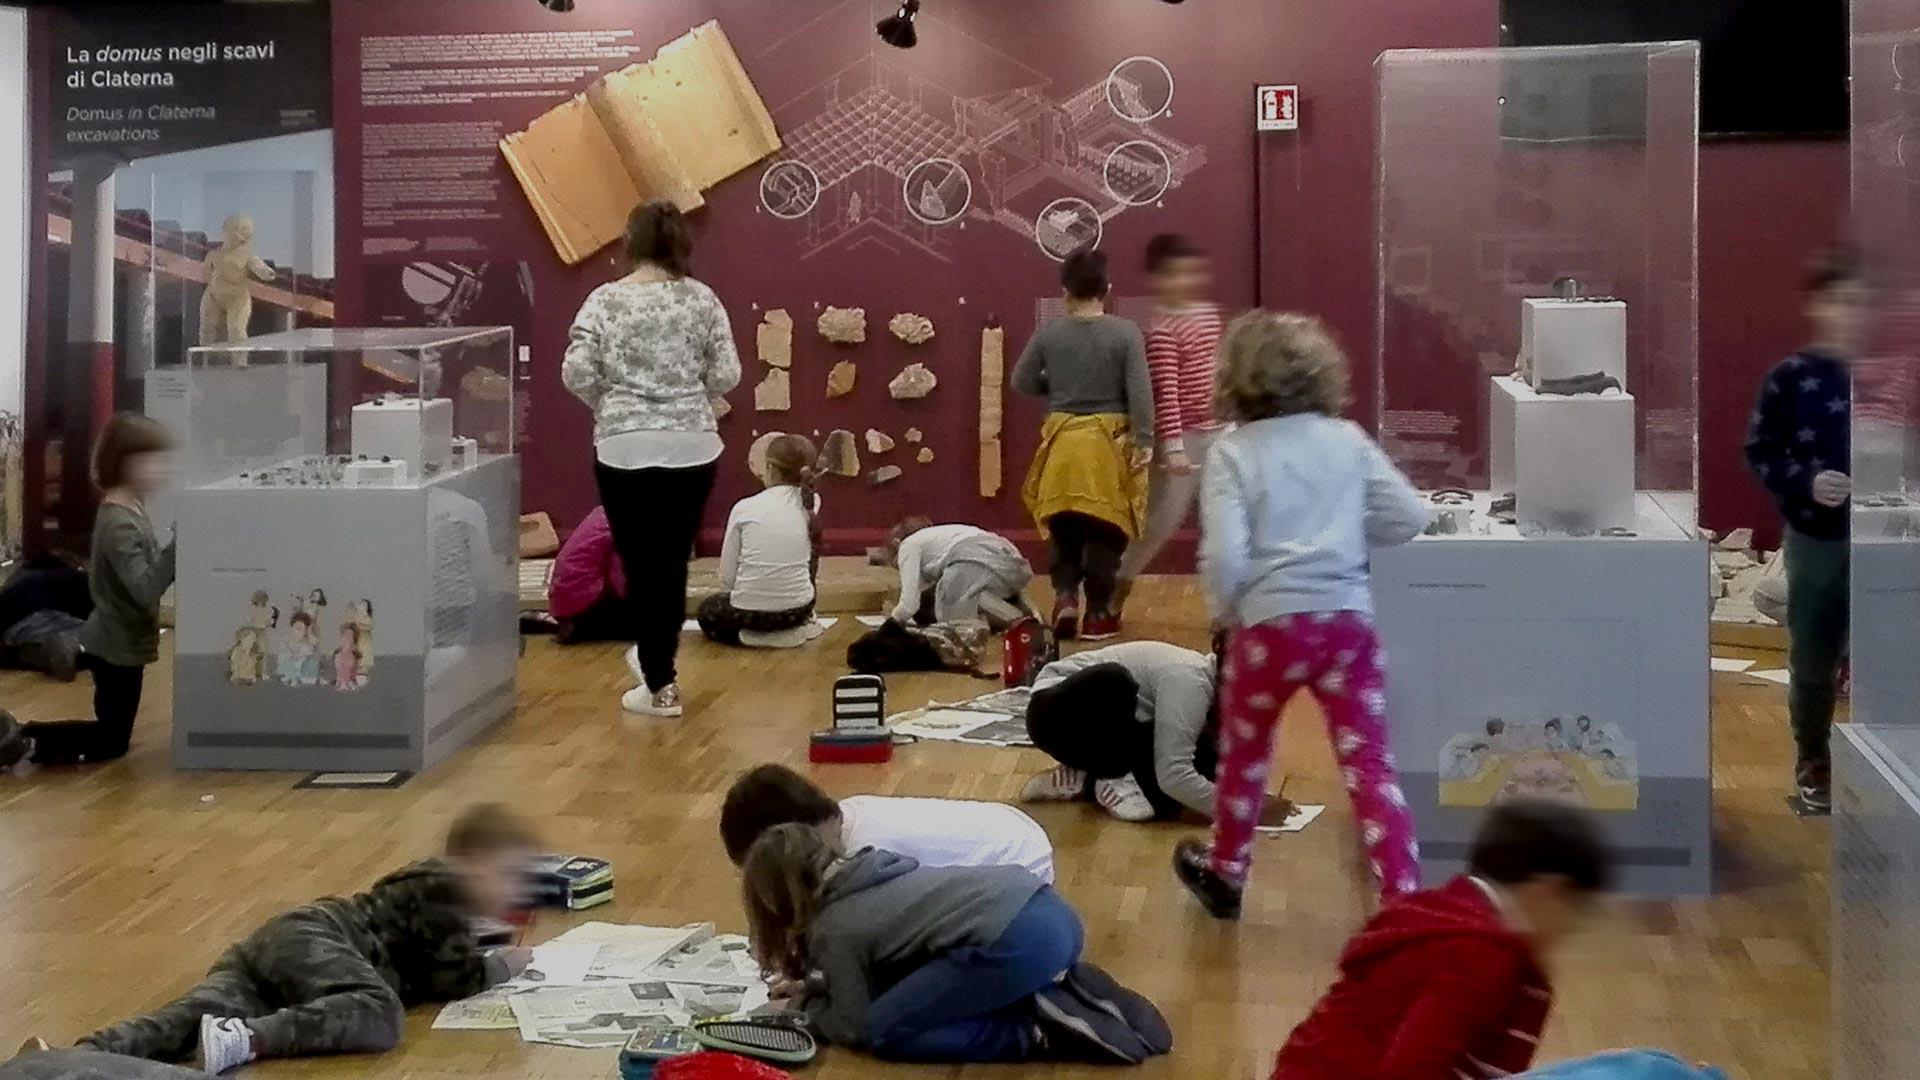 Attività per le scuole al Museo di Claterna